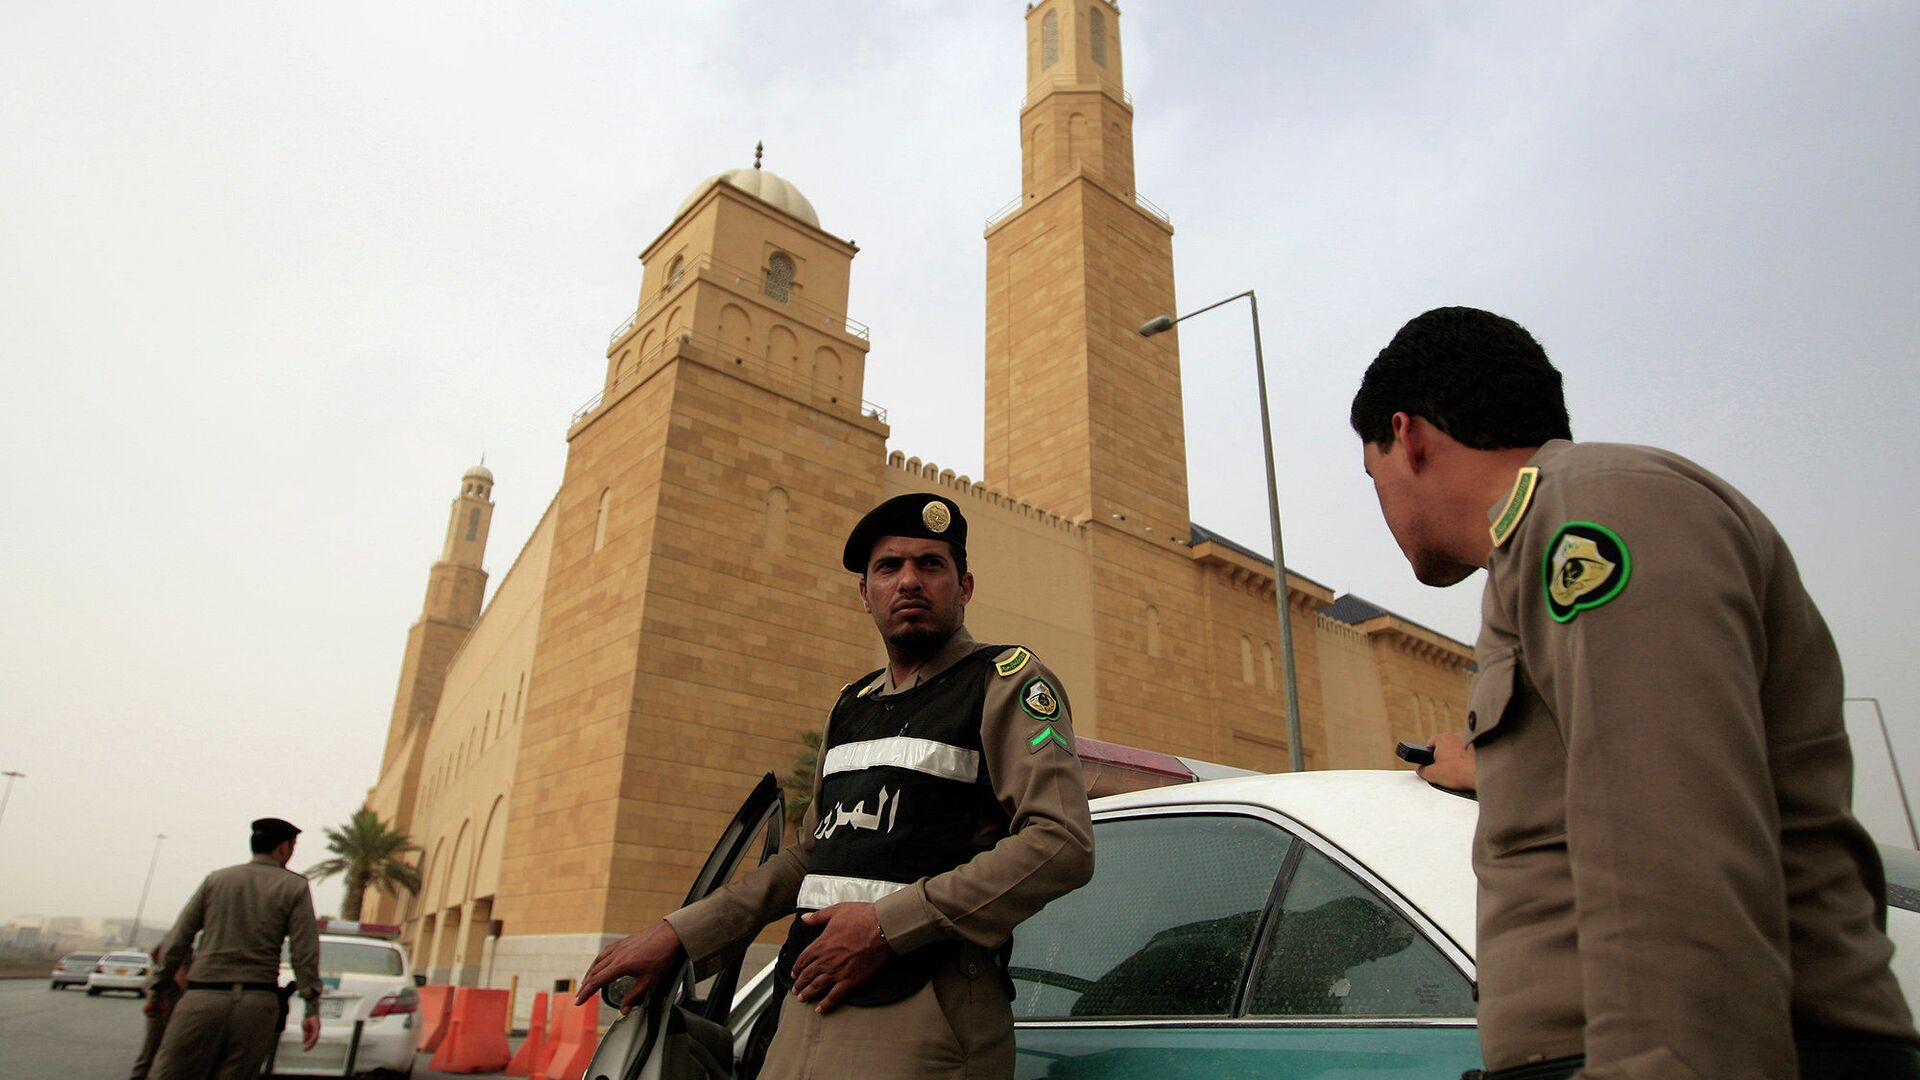 Agenti della polizia in Arabia Saudita - Sputnik Italia, 1920, 08.07.2021